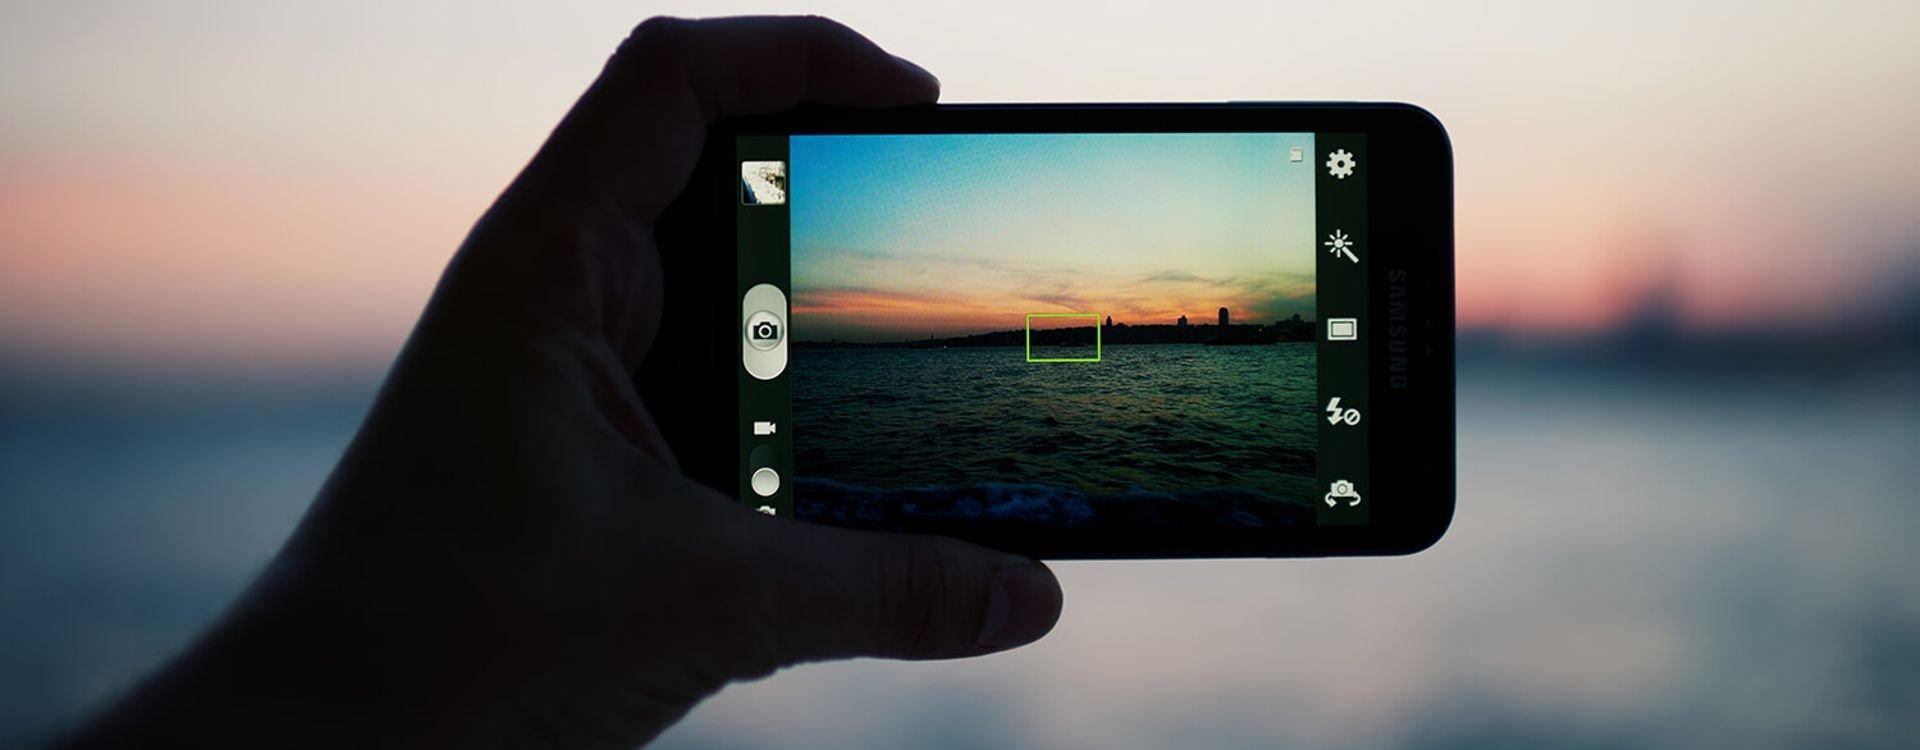 تعرف على أفضل زجاج حماية لشاشة الموبايل